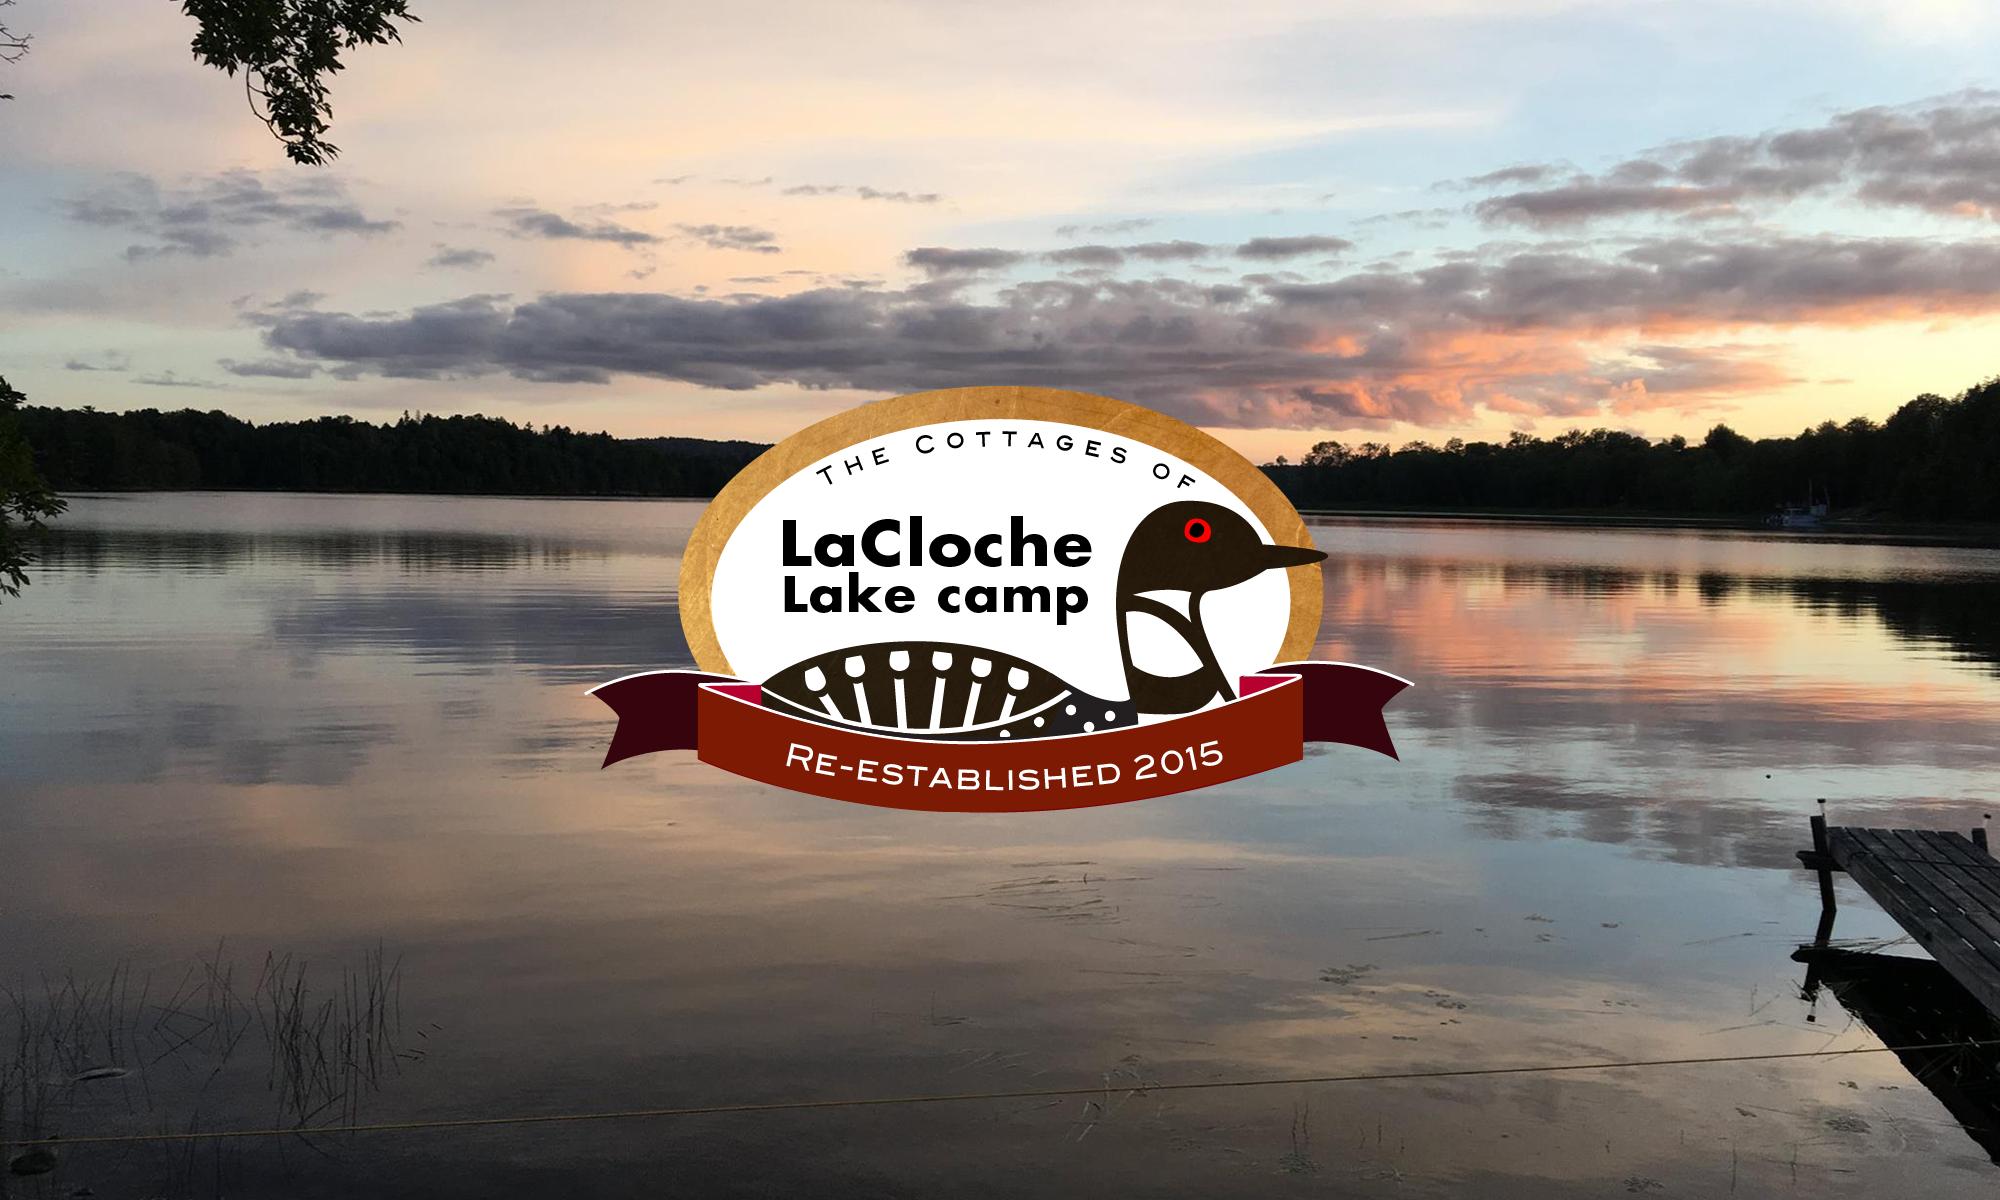 La Cloche Lake Camp